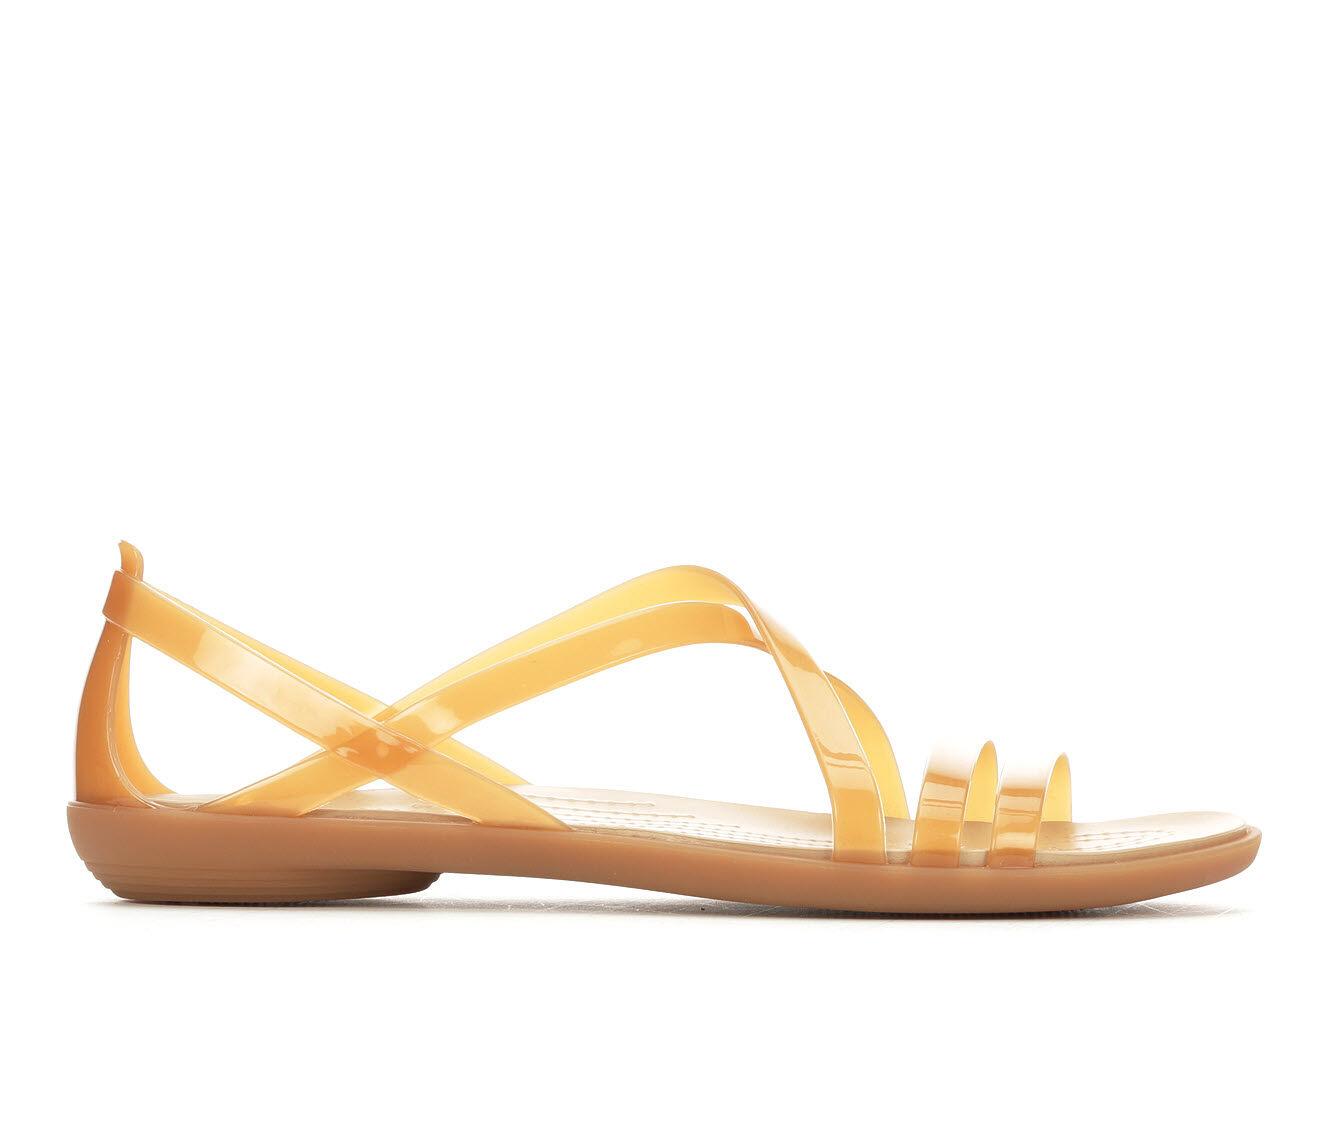 Women's Crocs Isabella Strappy Sandals Dark Gold